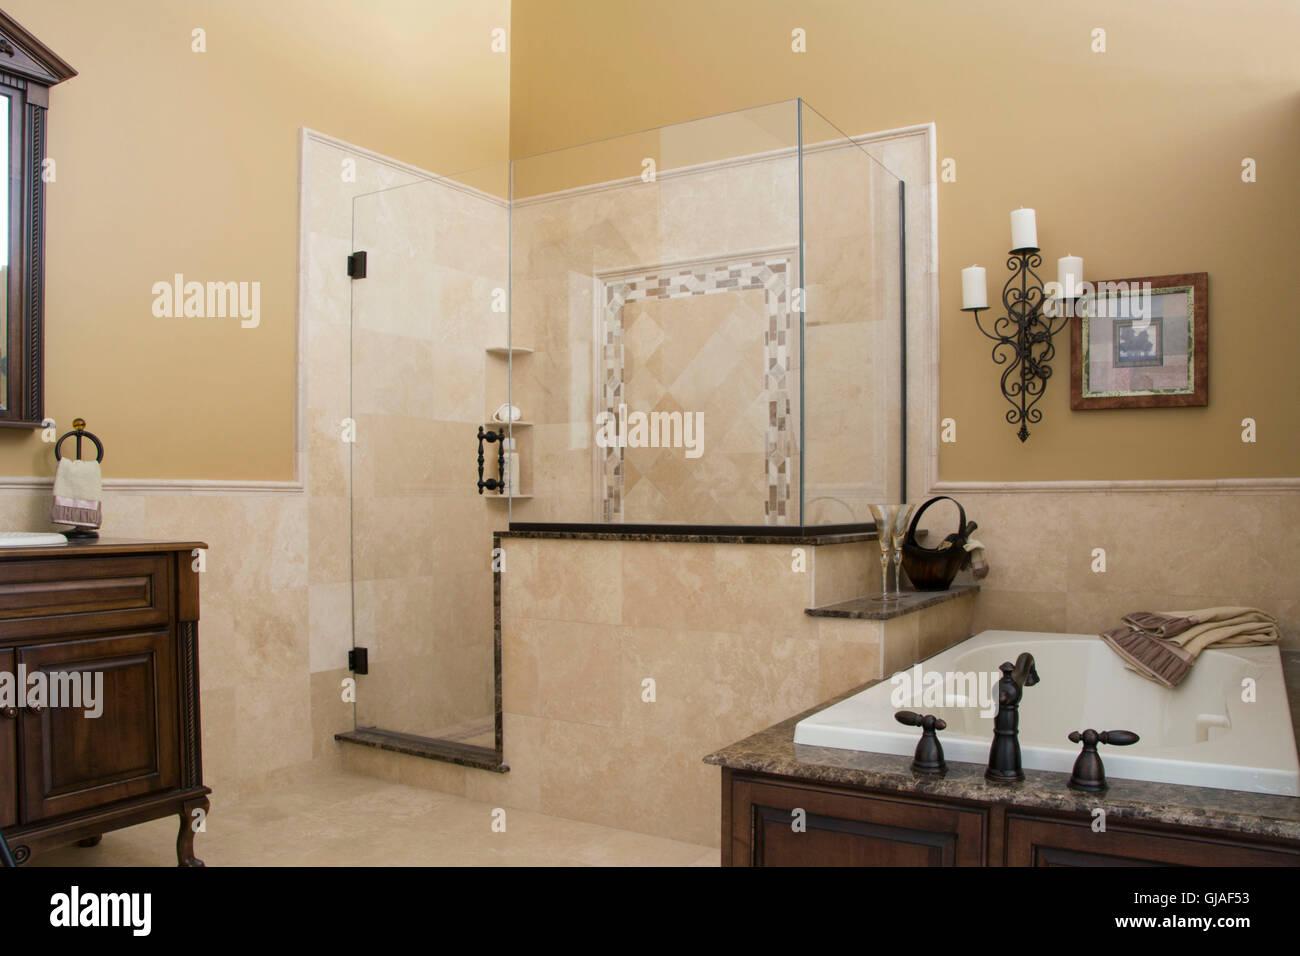 Modernes Badezimmer Dusche Waschtisch Und Badewanne Stockfoto Bild